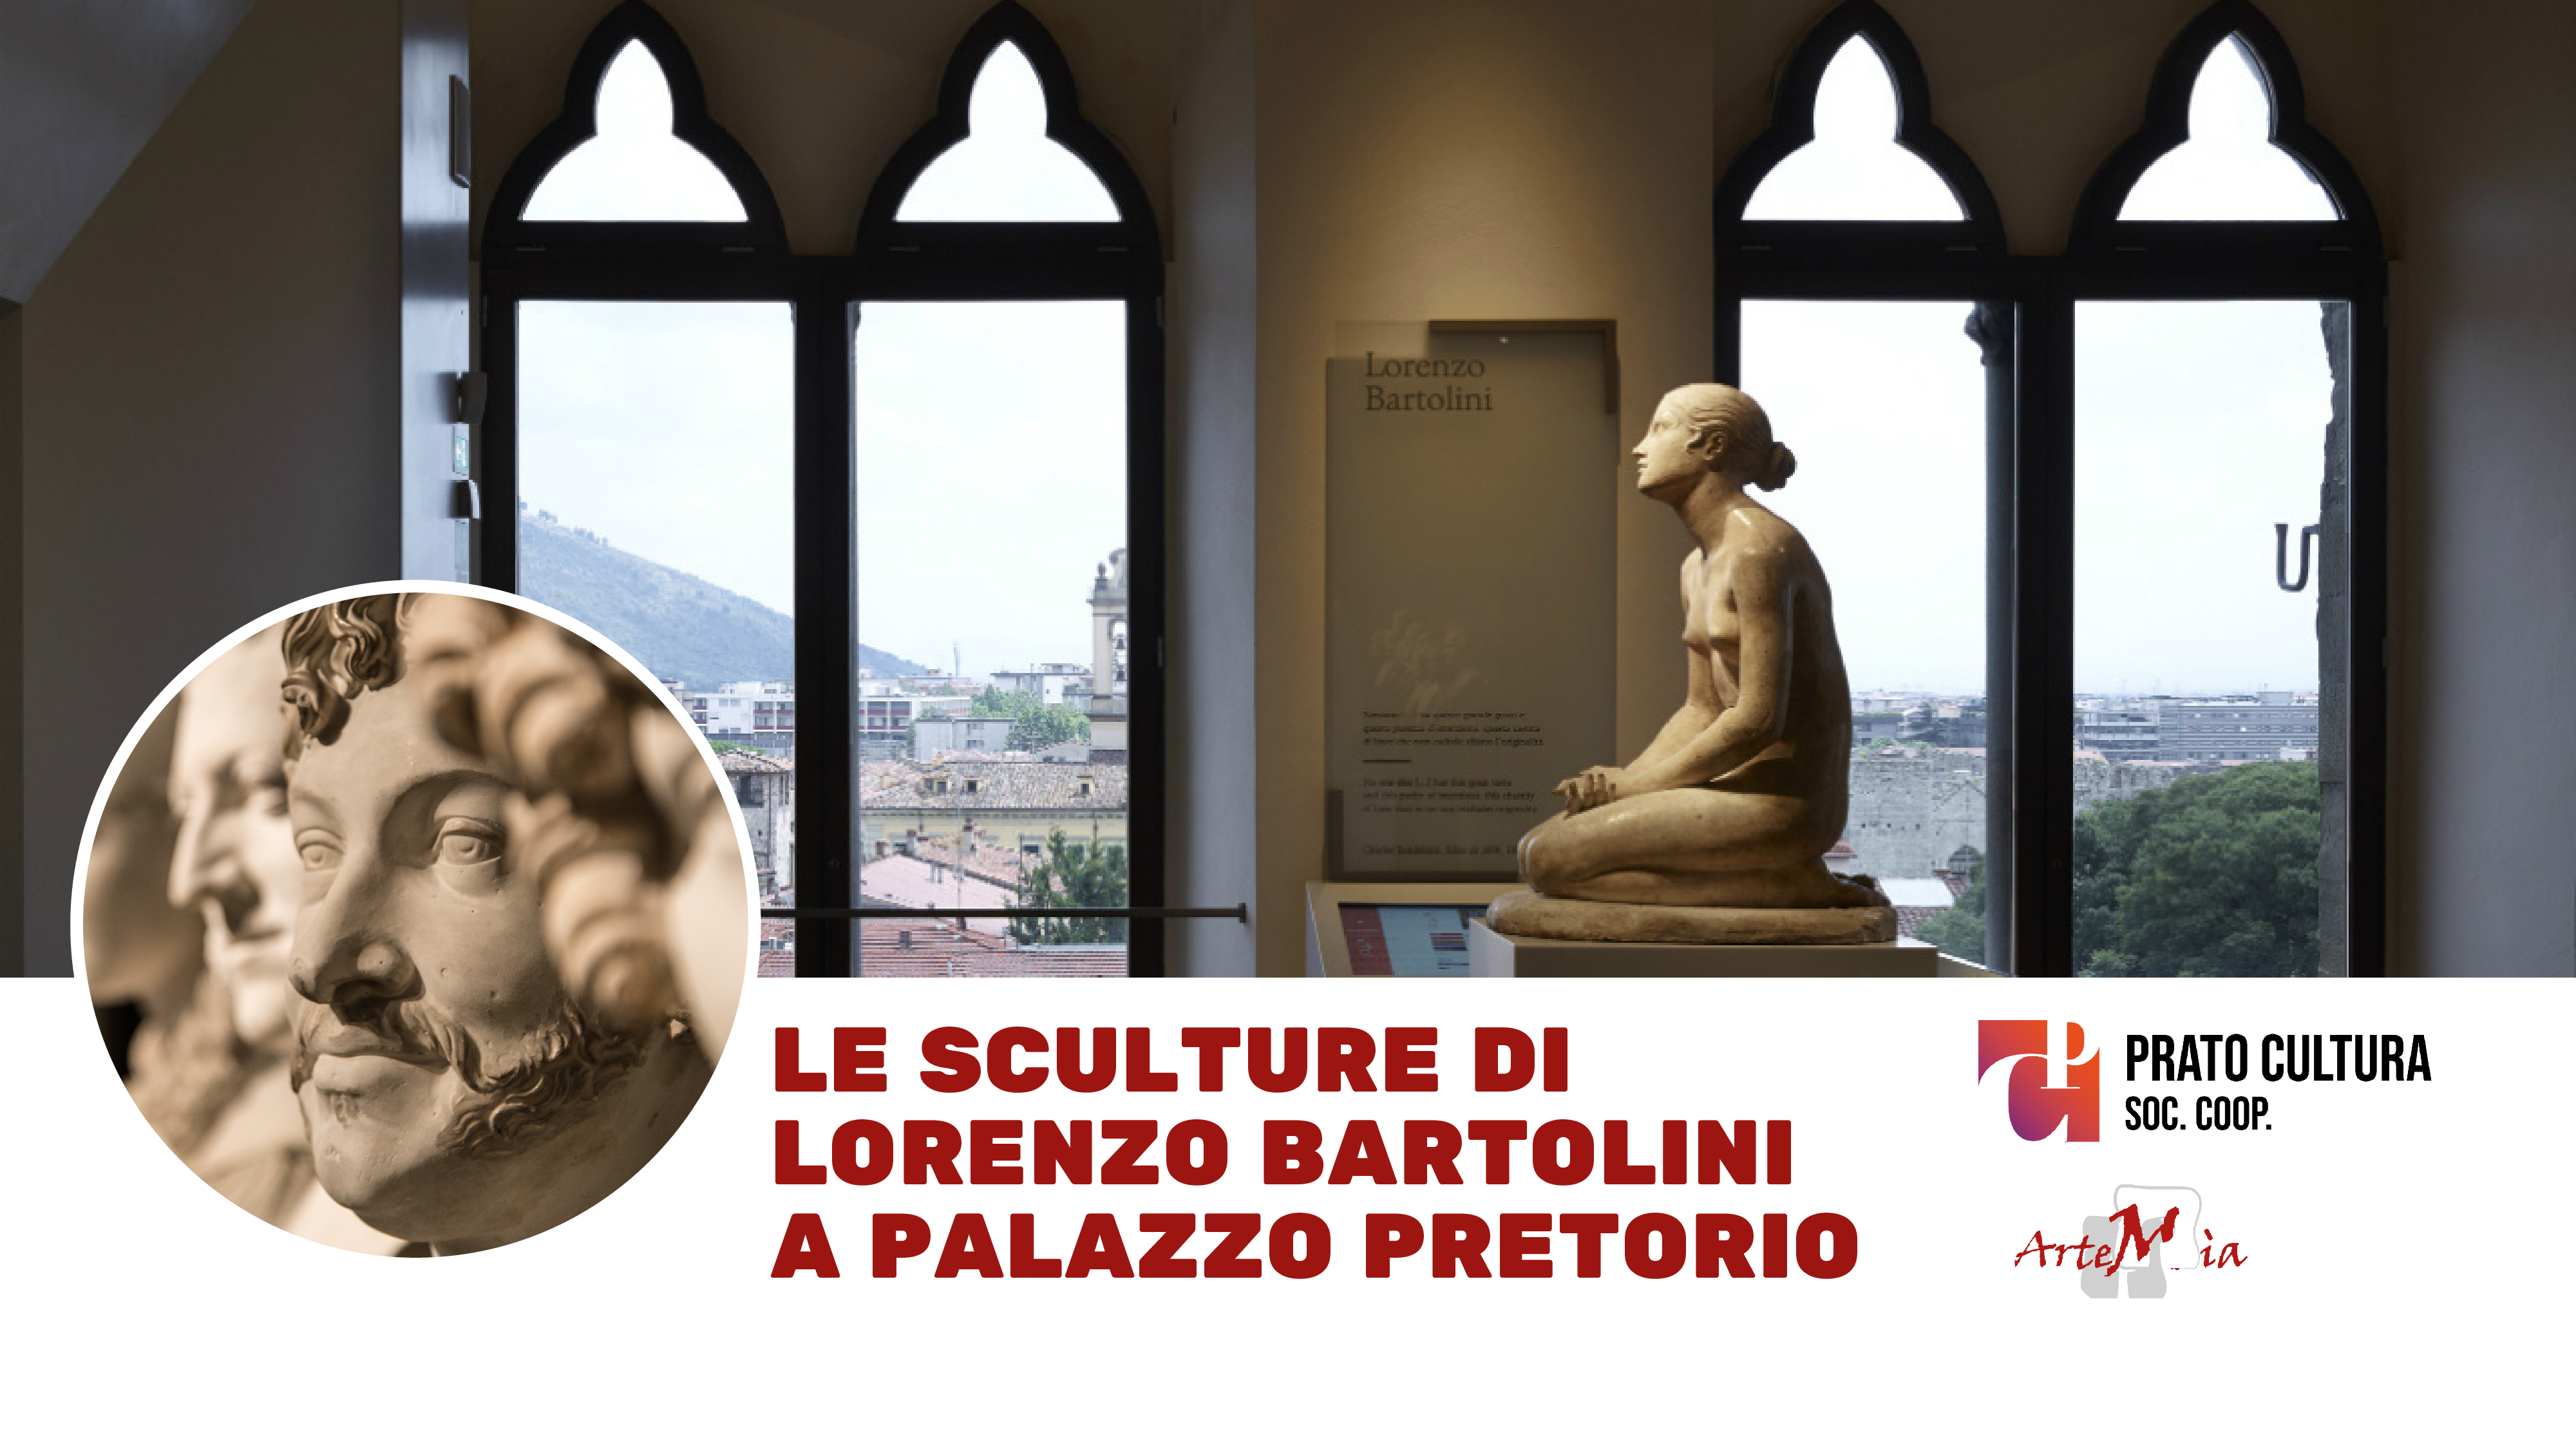 Visita: Le sculture di Lorenzo Bartolini a Palazzo Pretorio